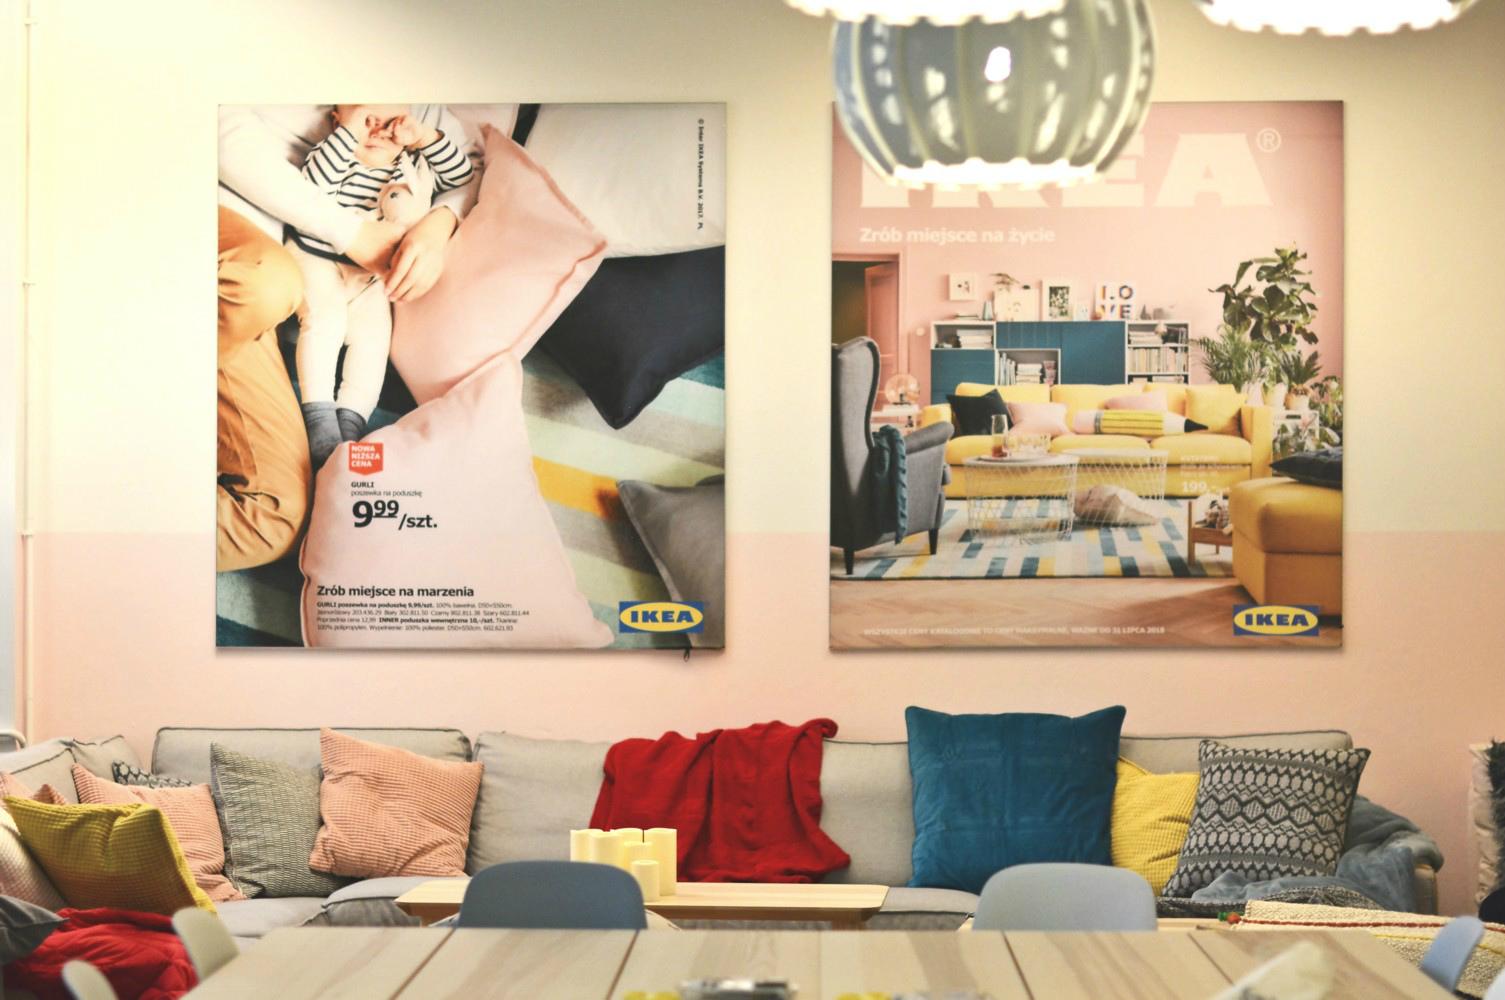 Sypialnia przytulna, że hoo hooo! - warsztaty w Kuchni Spotkań IKEA - relacja